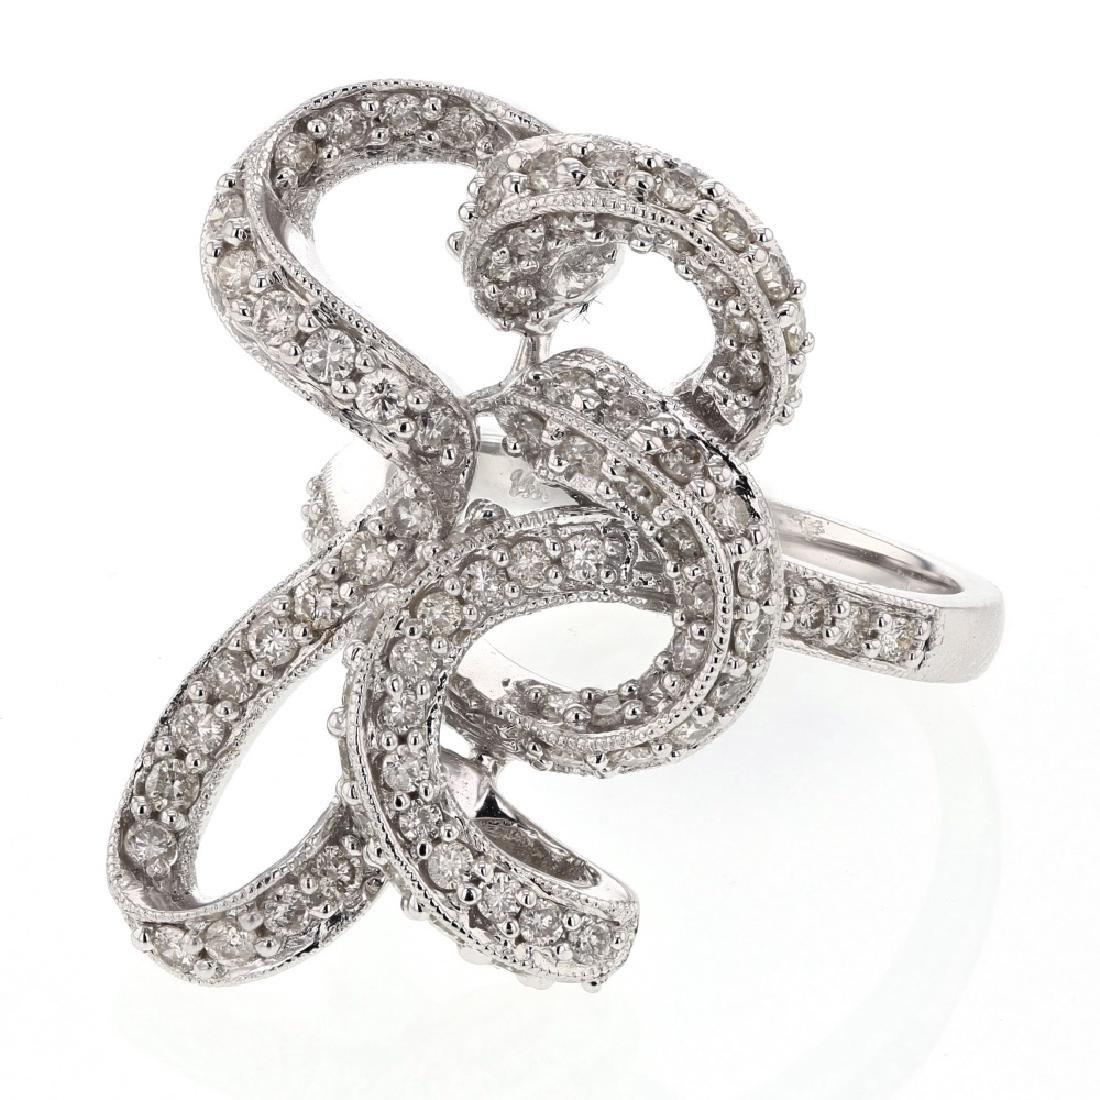 1.21ct Diamond 14K White Gold Ring